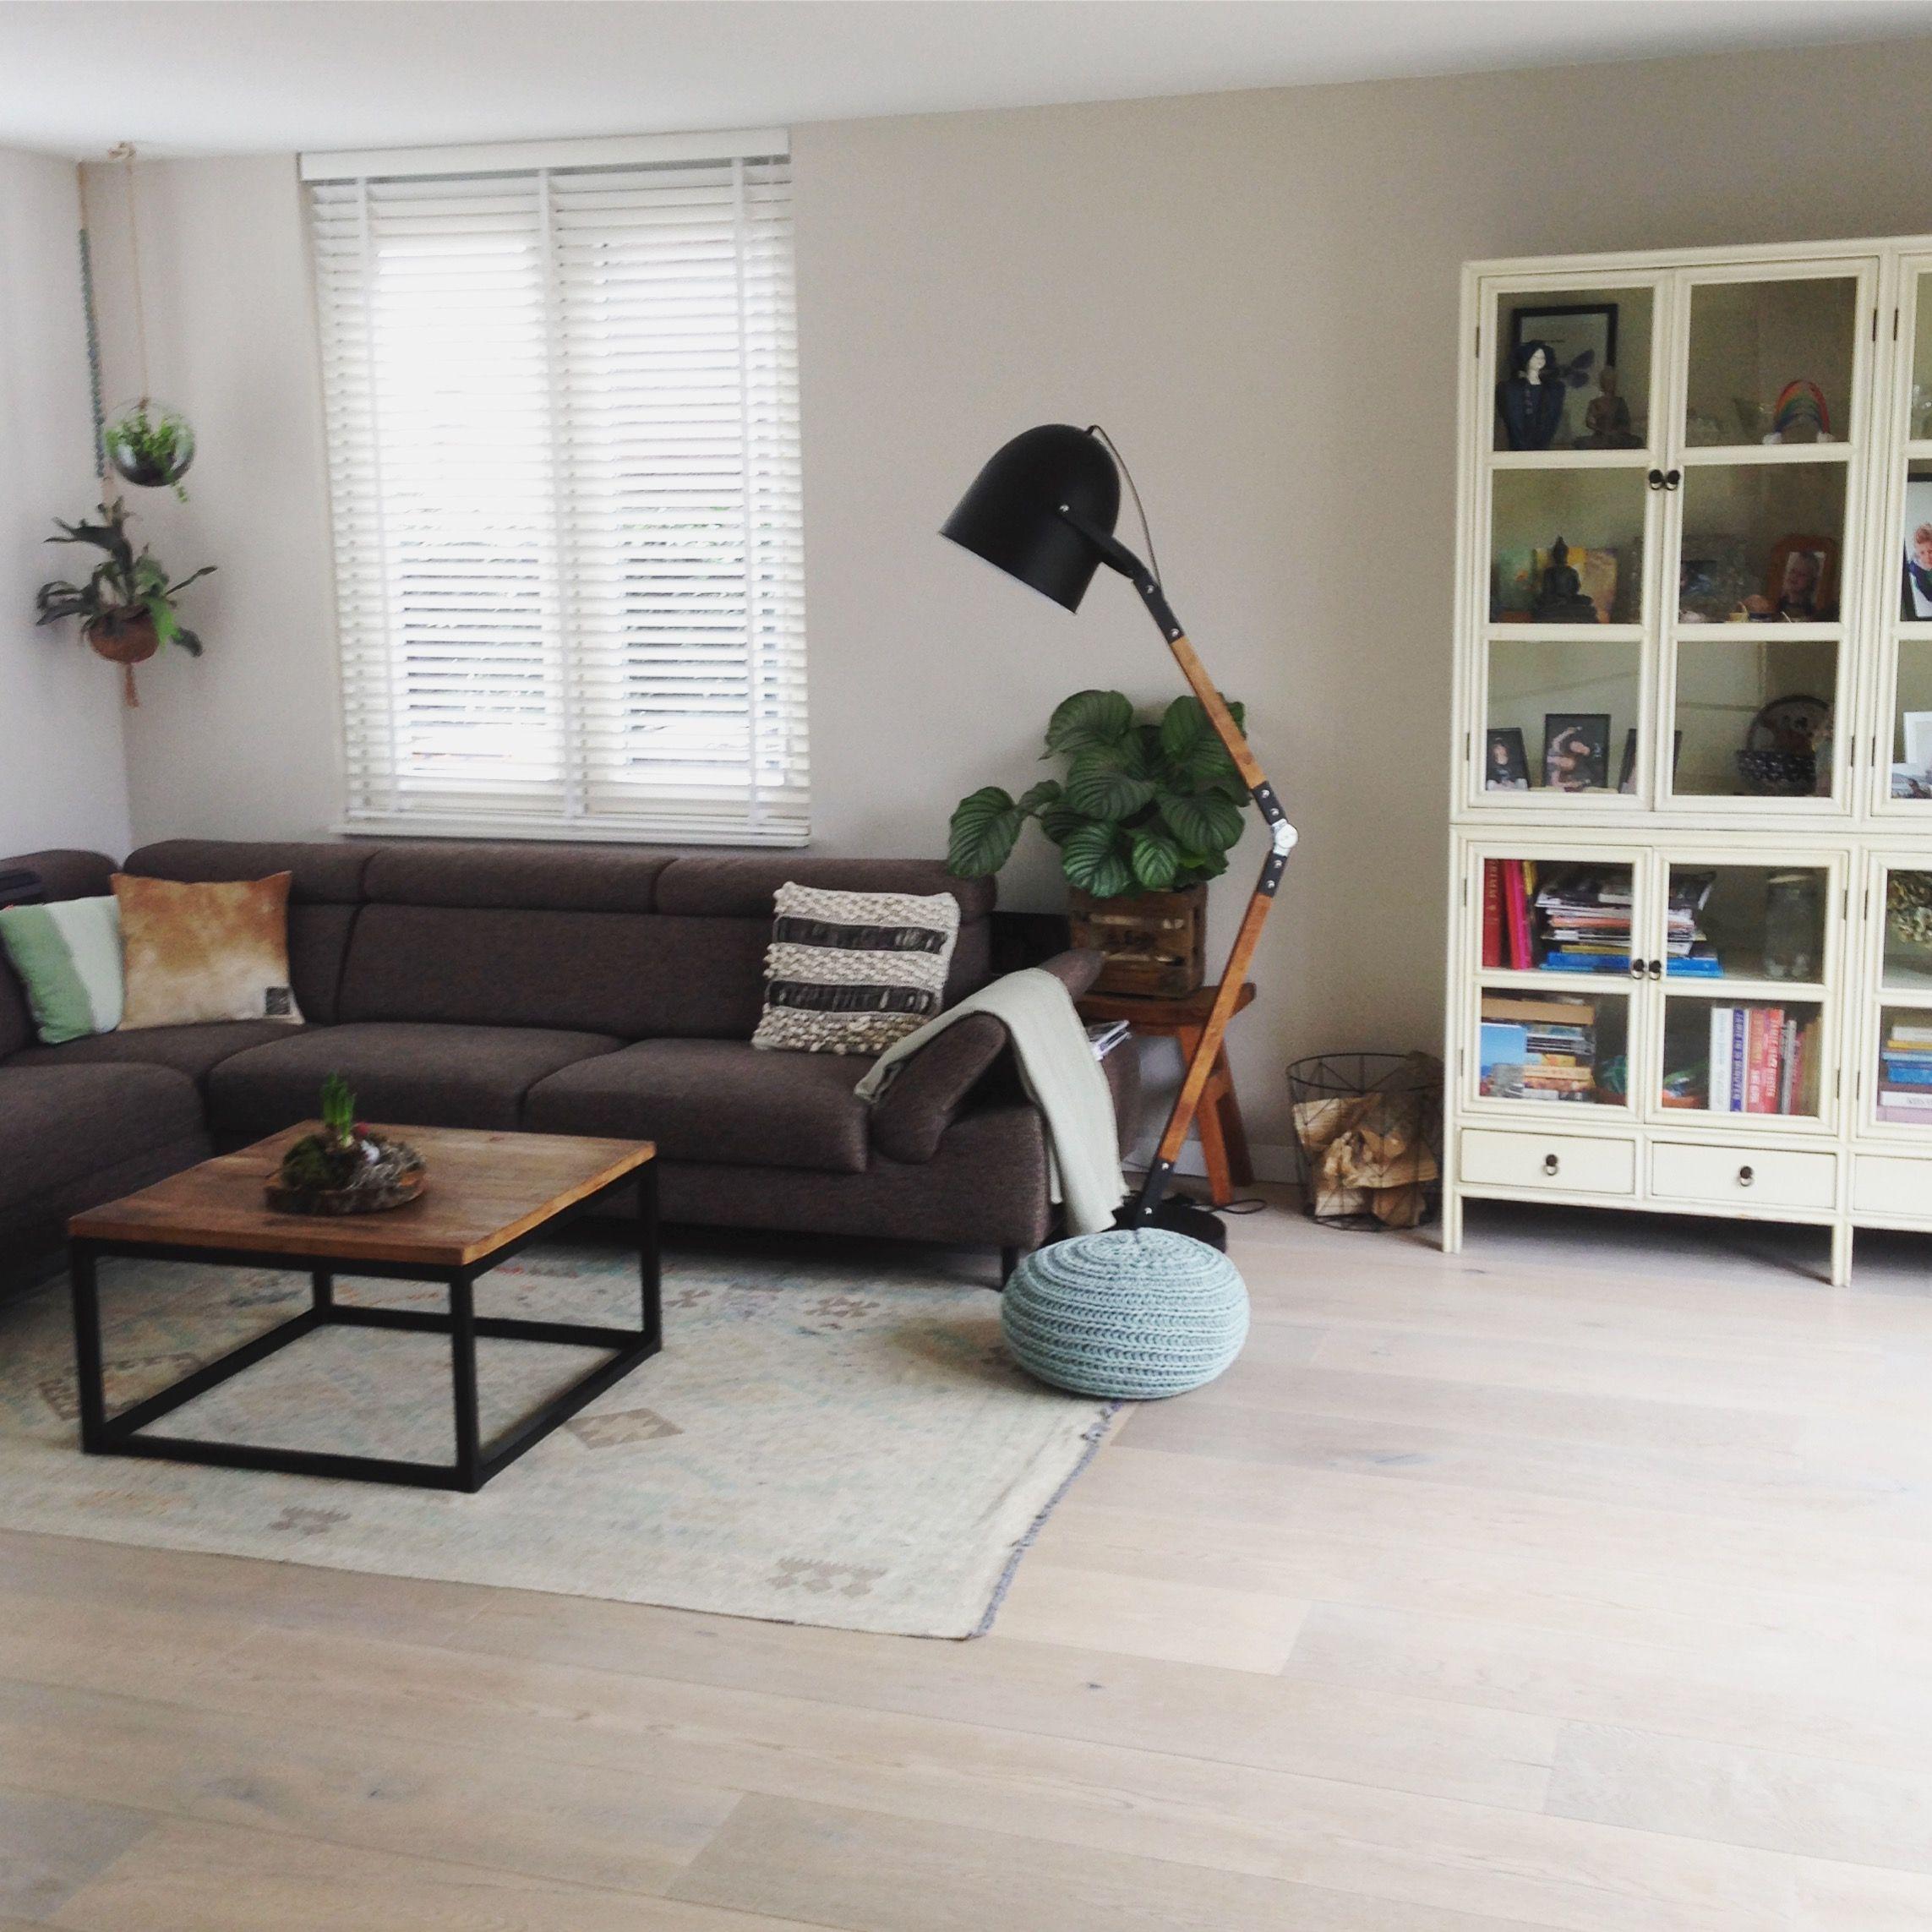 Livingroom Woonkamer Met Bruine Hoekbank Kelim Hangplanten En Industriele Tafel En Lamp Woonkamer Inspiratie Industriele Tafel Woonkamer